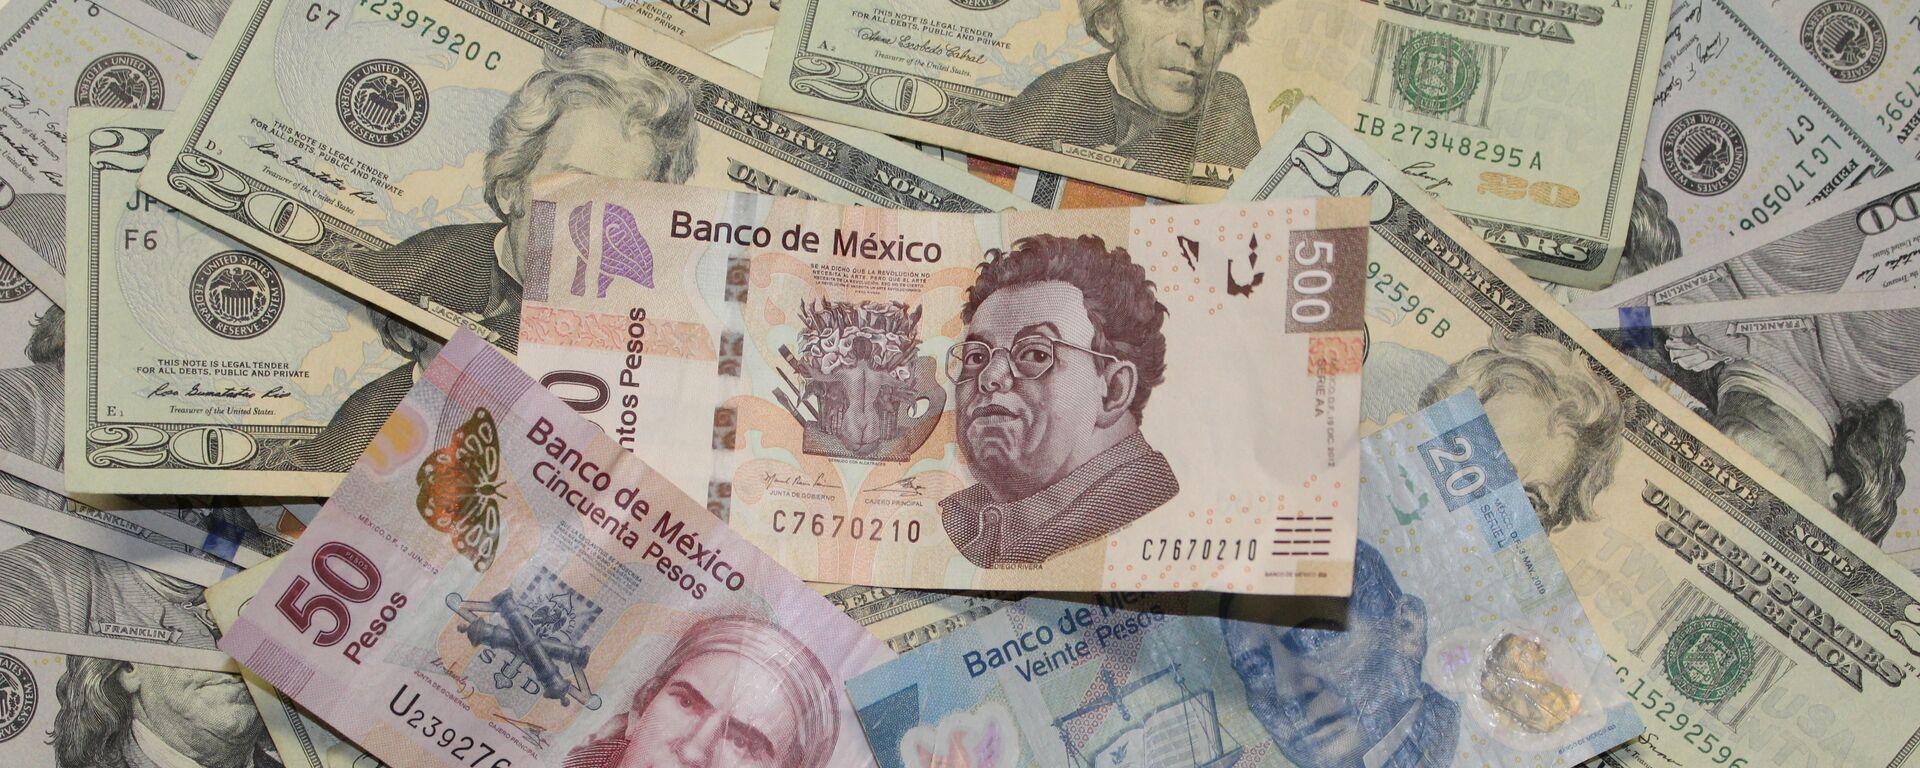 Pesos mexicanos y dólares - Sputnik Mundo, 1920, 03.03.2021